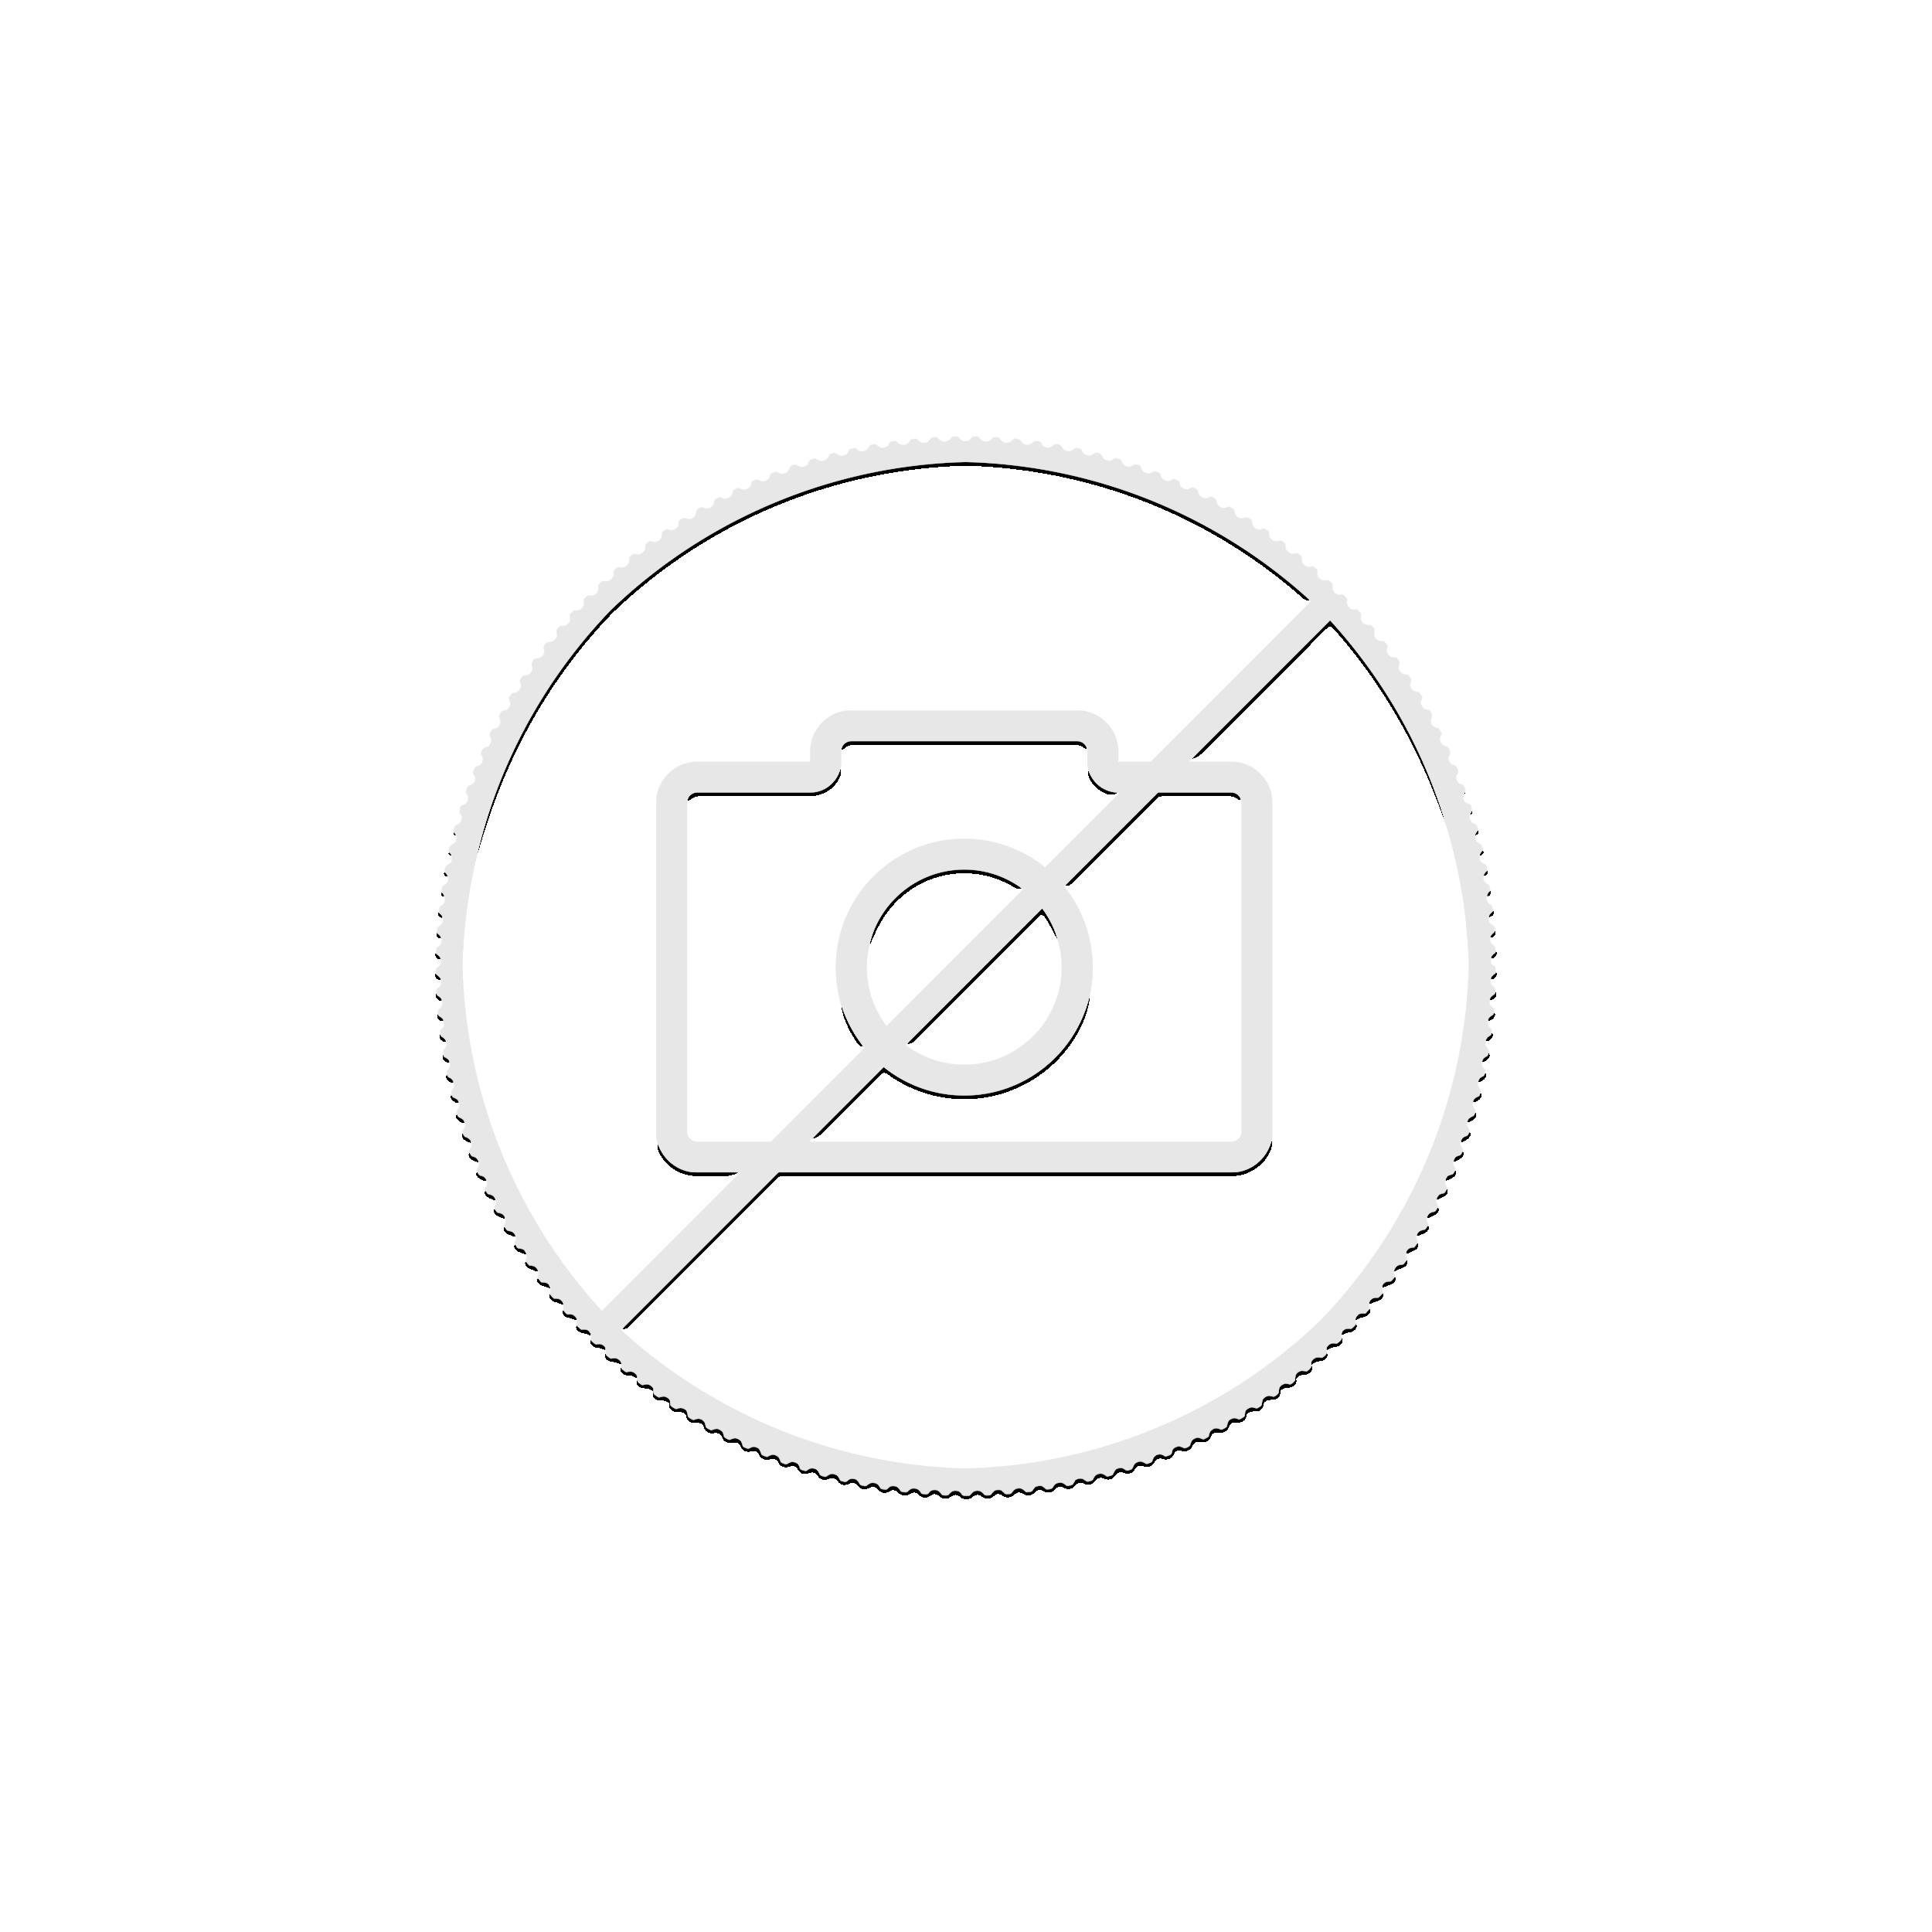 1 Troy ounce Palladium Maple Leaf coin